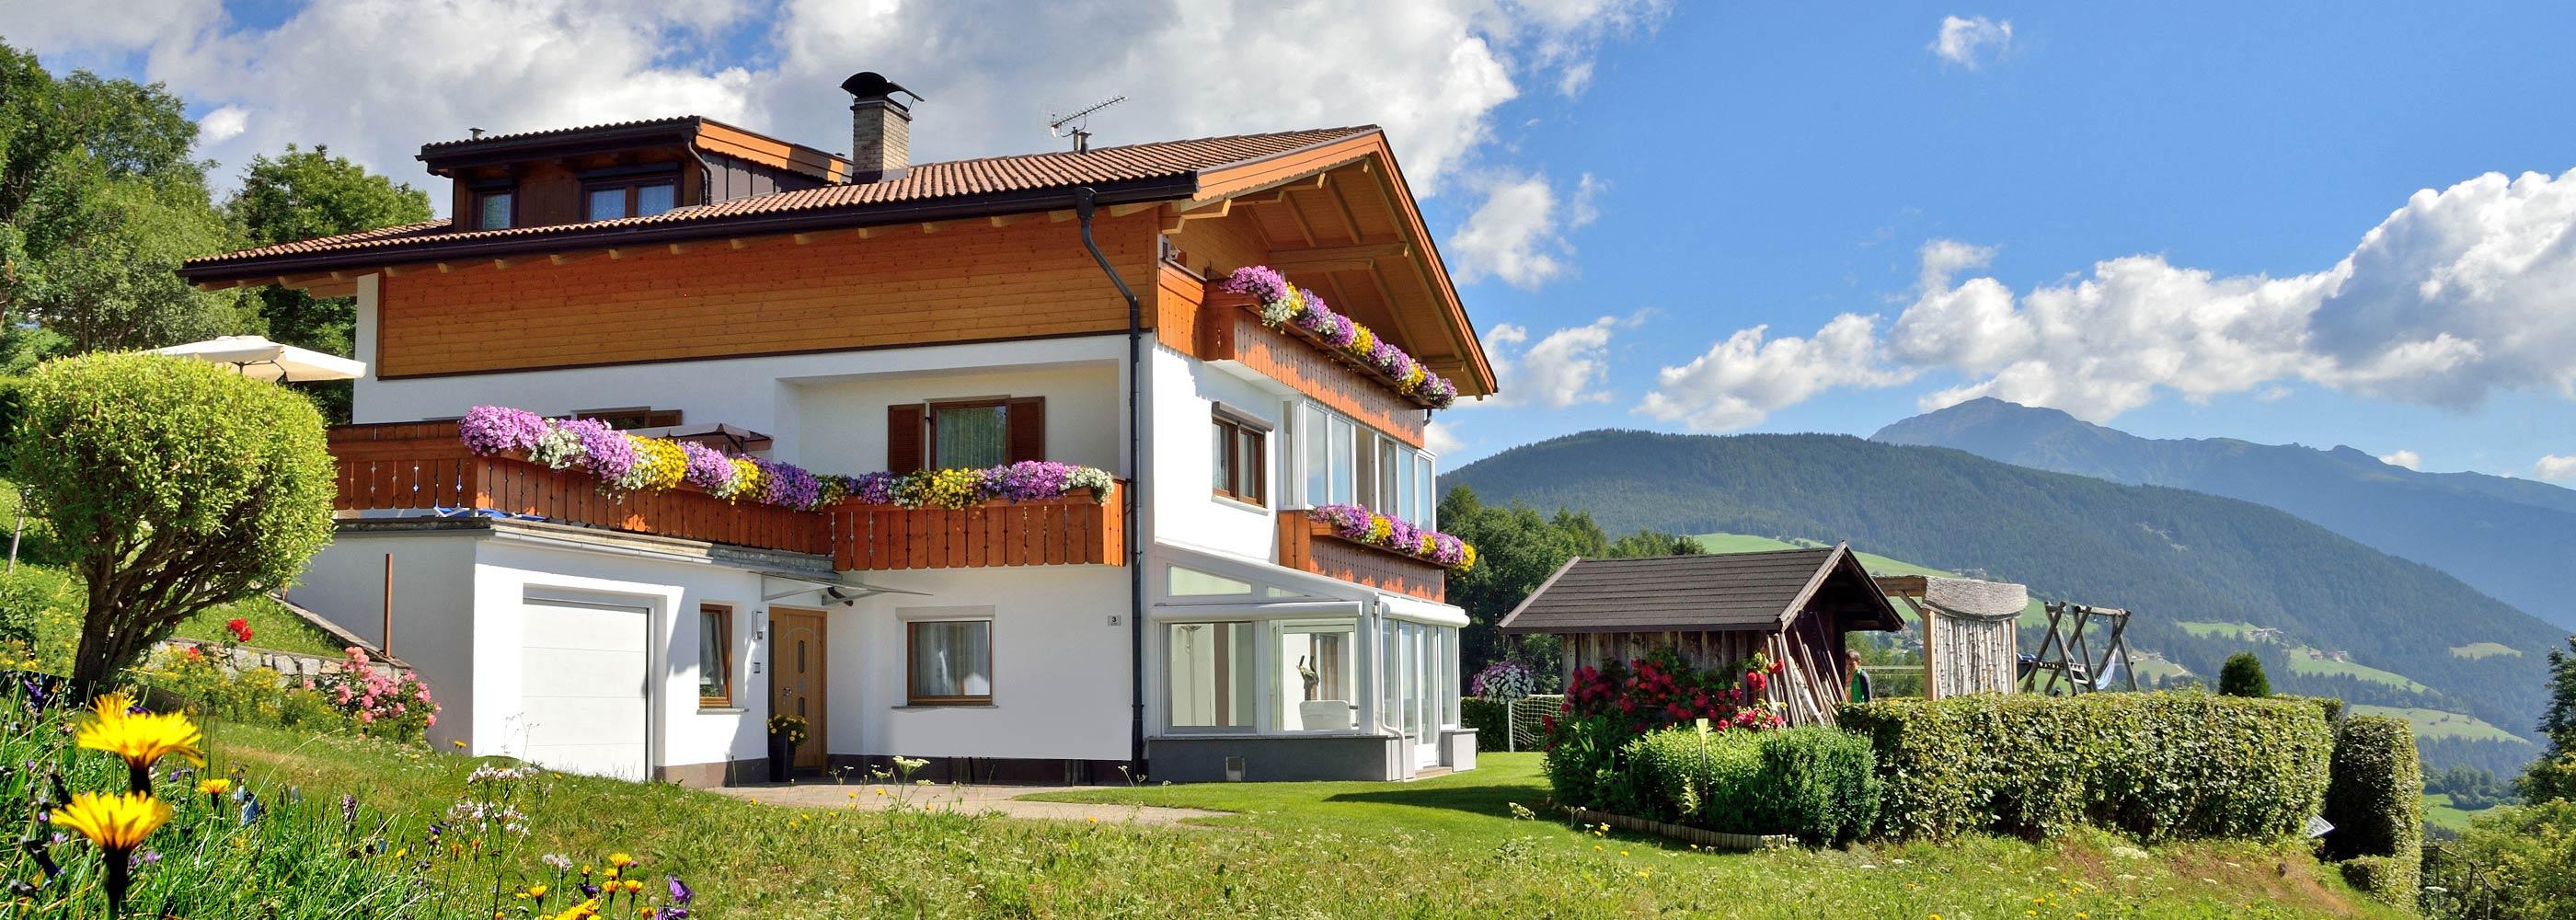 pano-ferienwohnung-wanderurlaub-meransen-appartamento-vacanze-escursionistiche-maranza